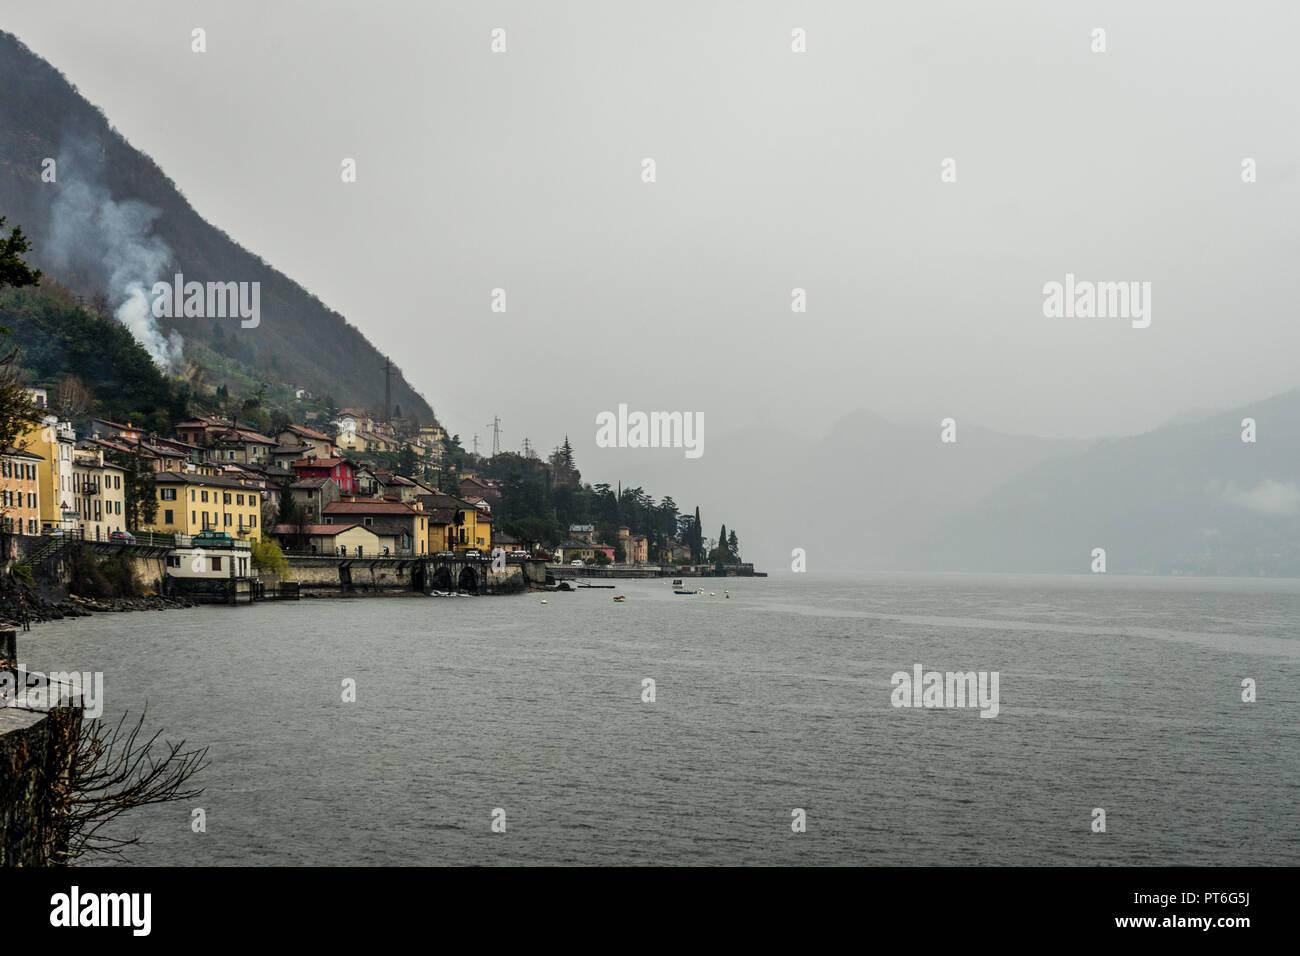 Italy, Varenna, Lake Como, fishing village viewed across lake - Stock Image